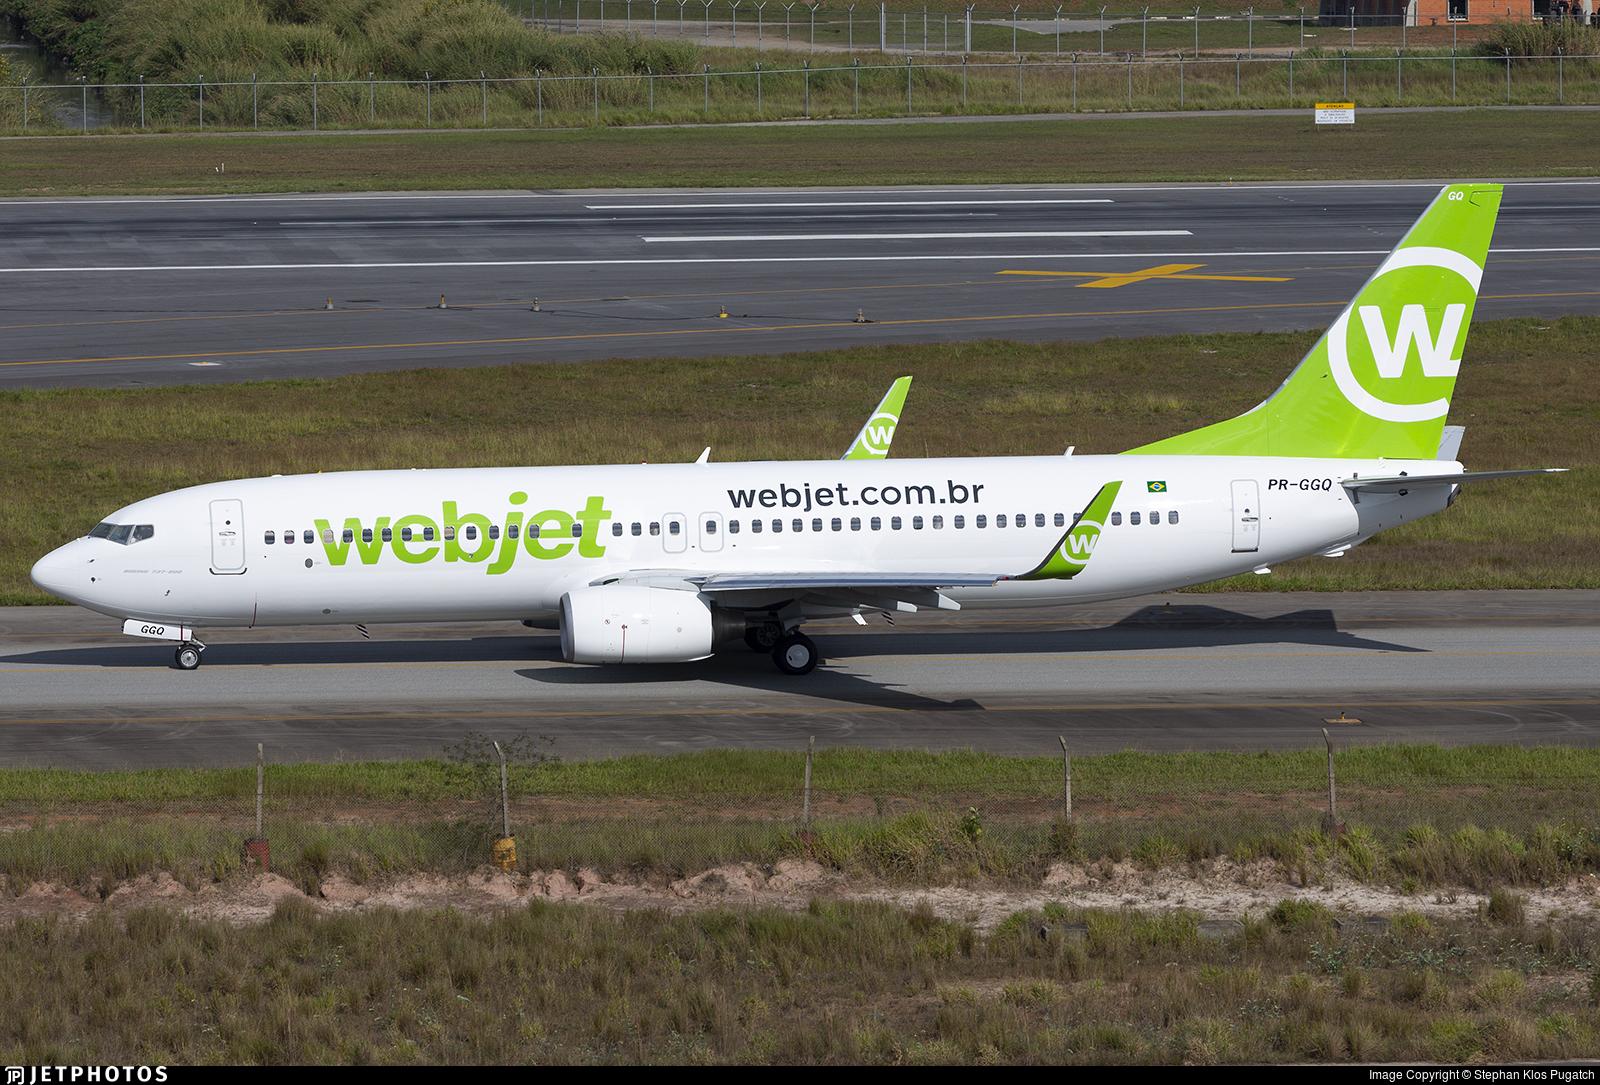 PR-GGQ - Boeing 737-8EH - WebJet Linhas Aéreas